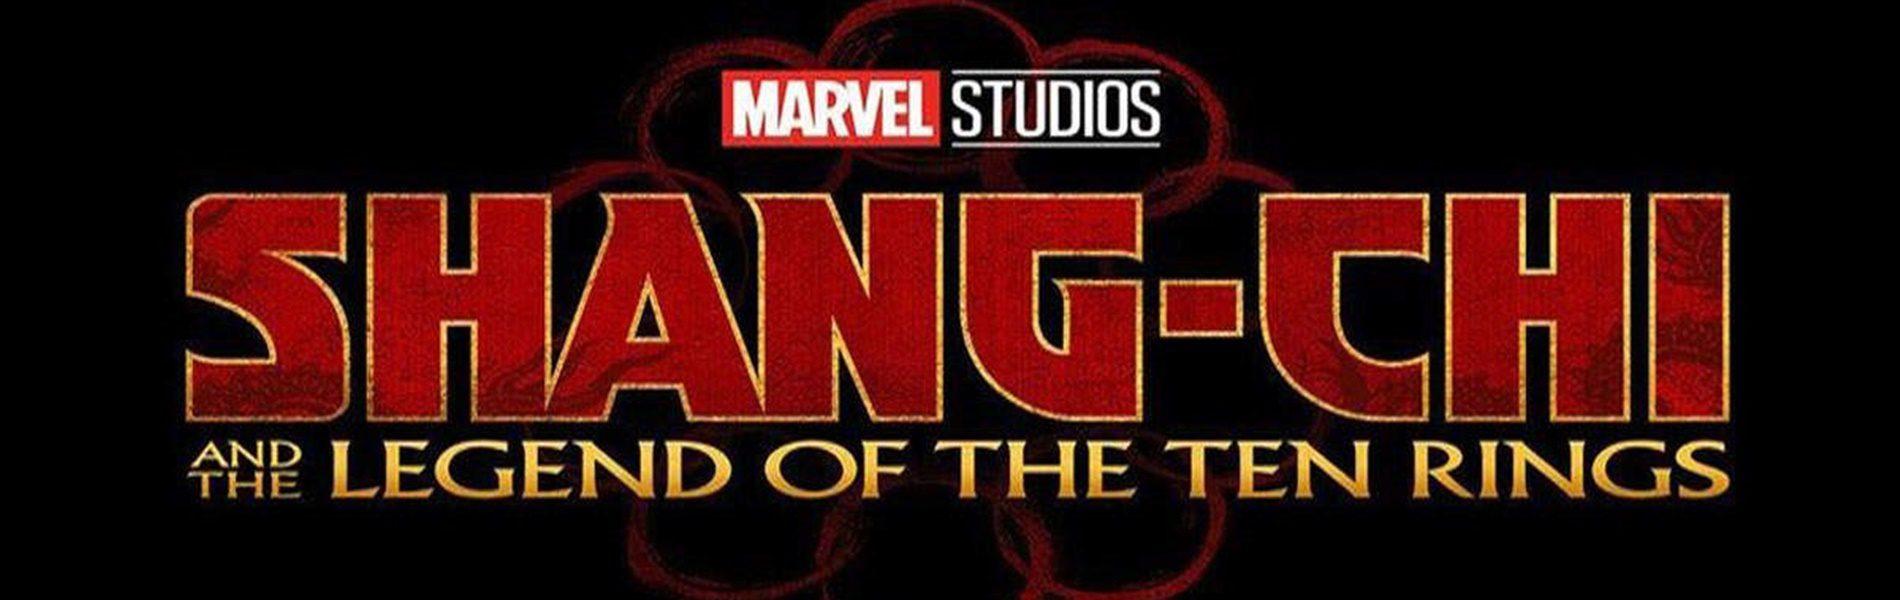 Zöld utat kapott a legújabb Marvel film forgatása